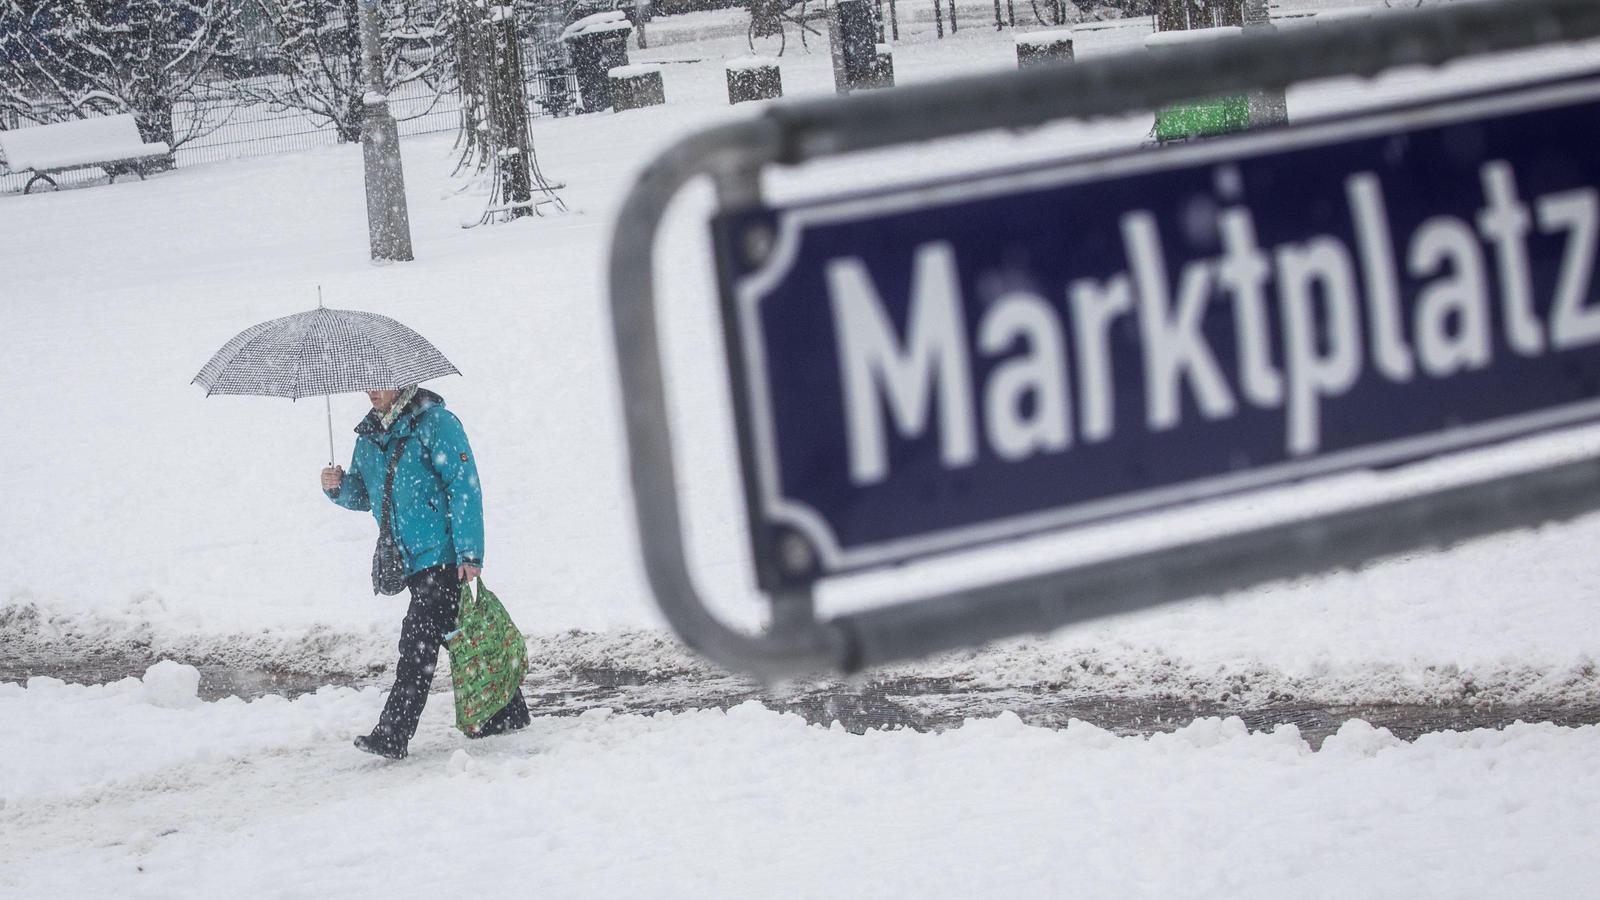 wetterbericht f r den winterliches matschwetter mit sturmb en im bergland und an den. Black Bedroom Furniture Sets. Home Design Ideas